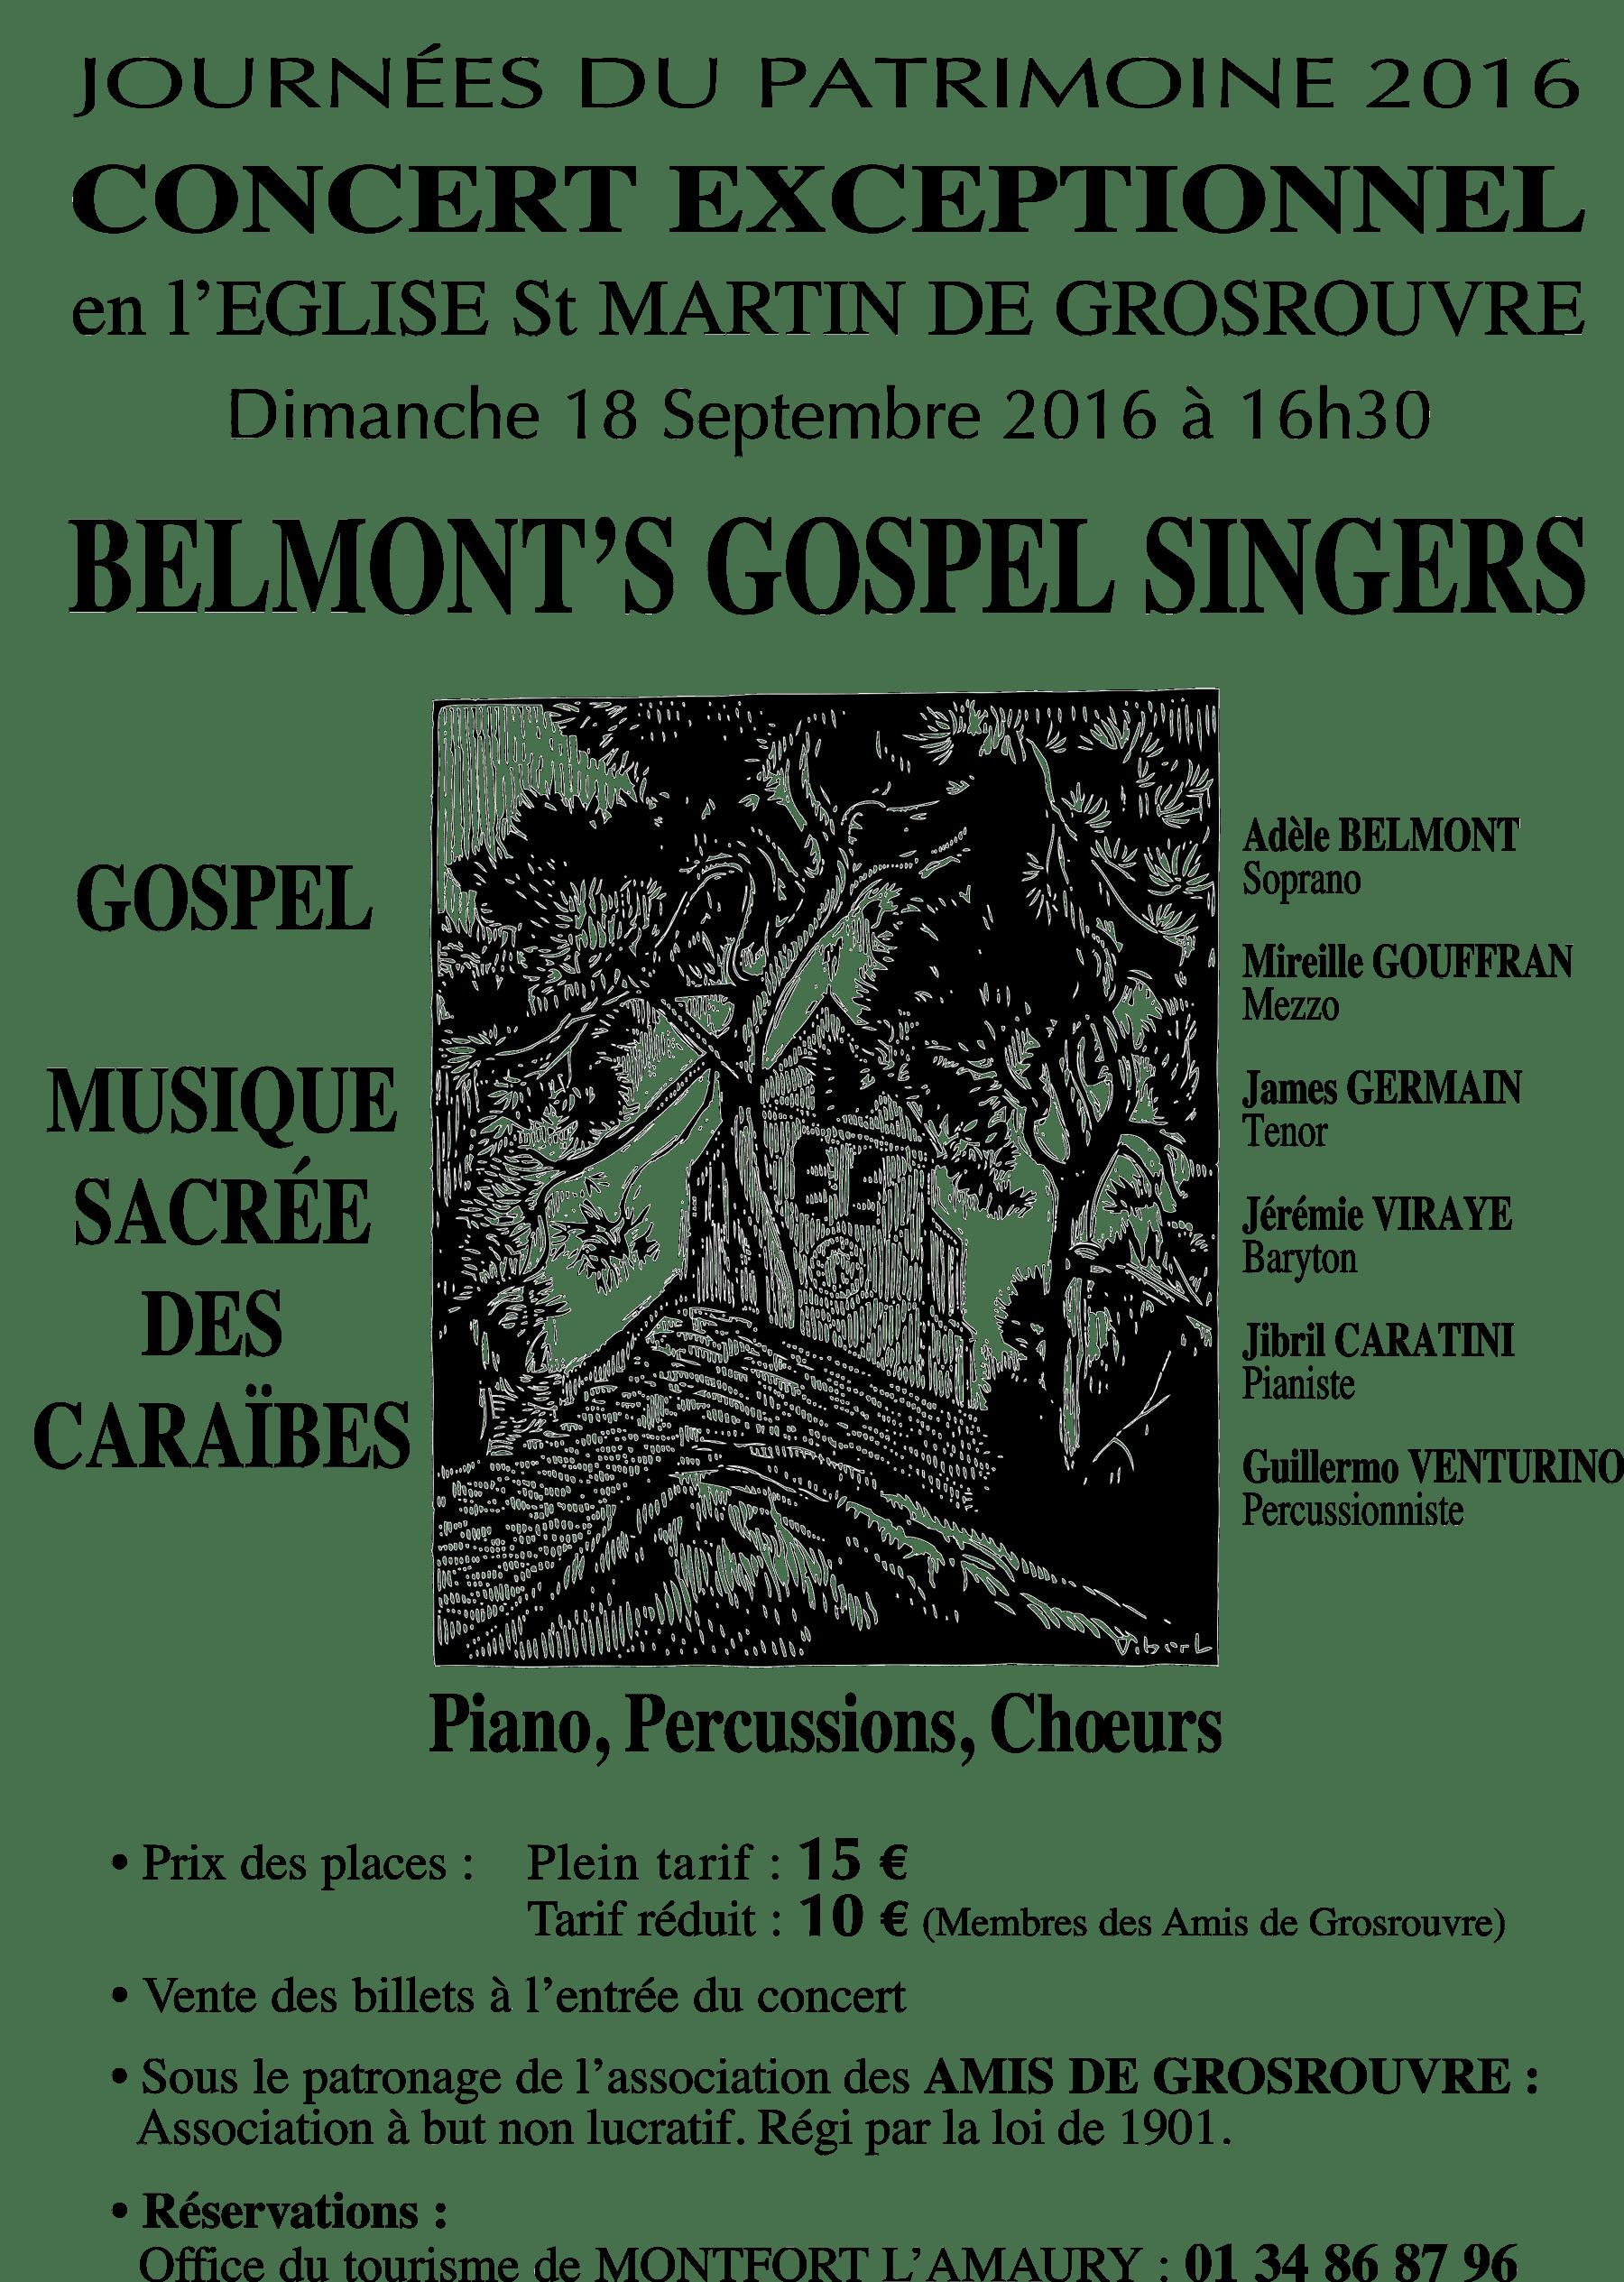 belmont-gospel